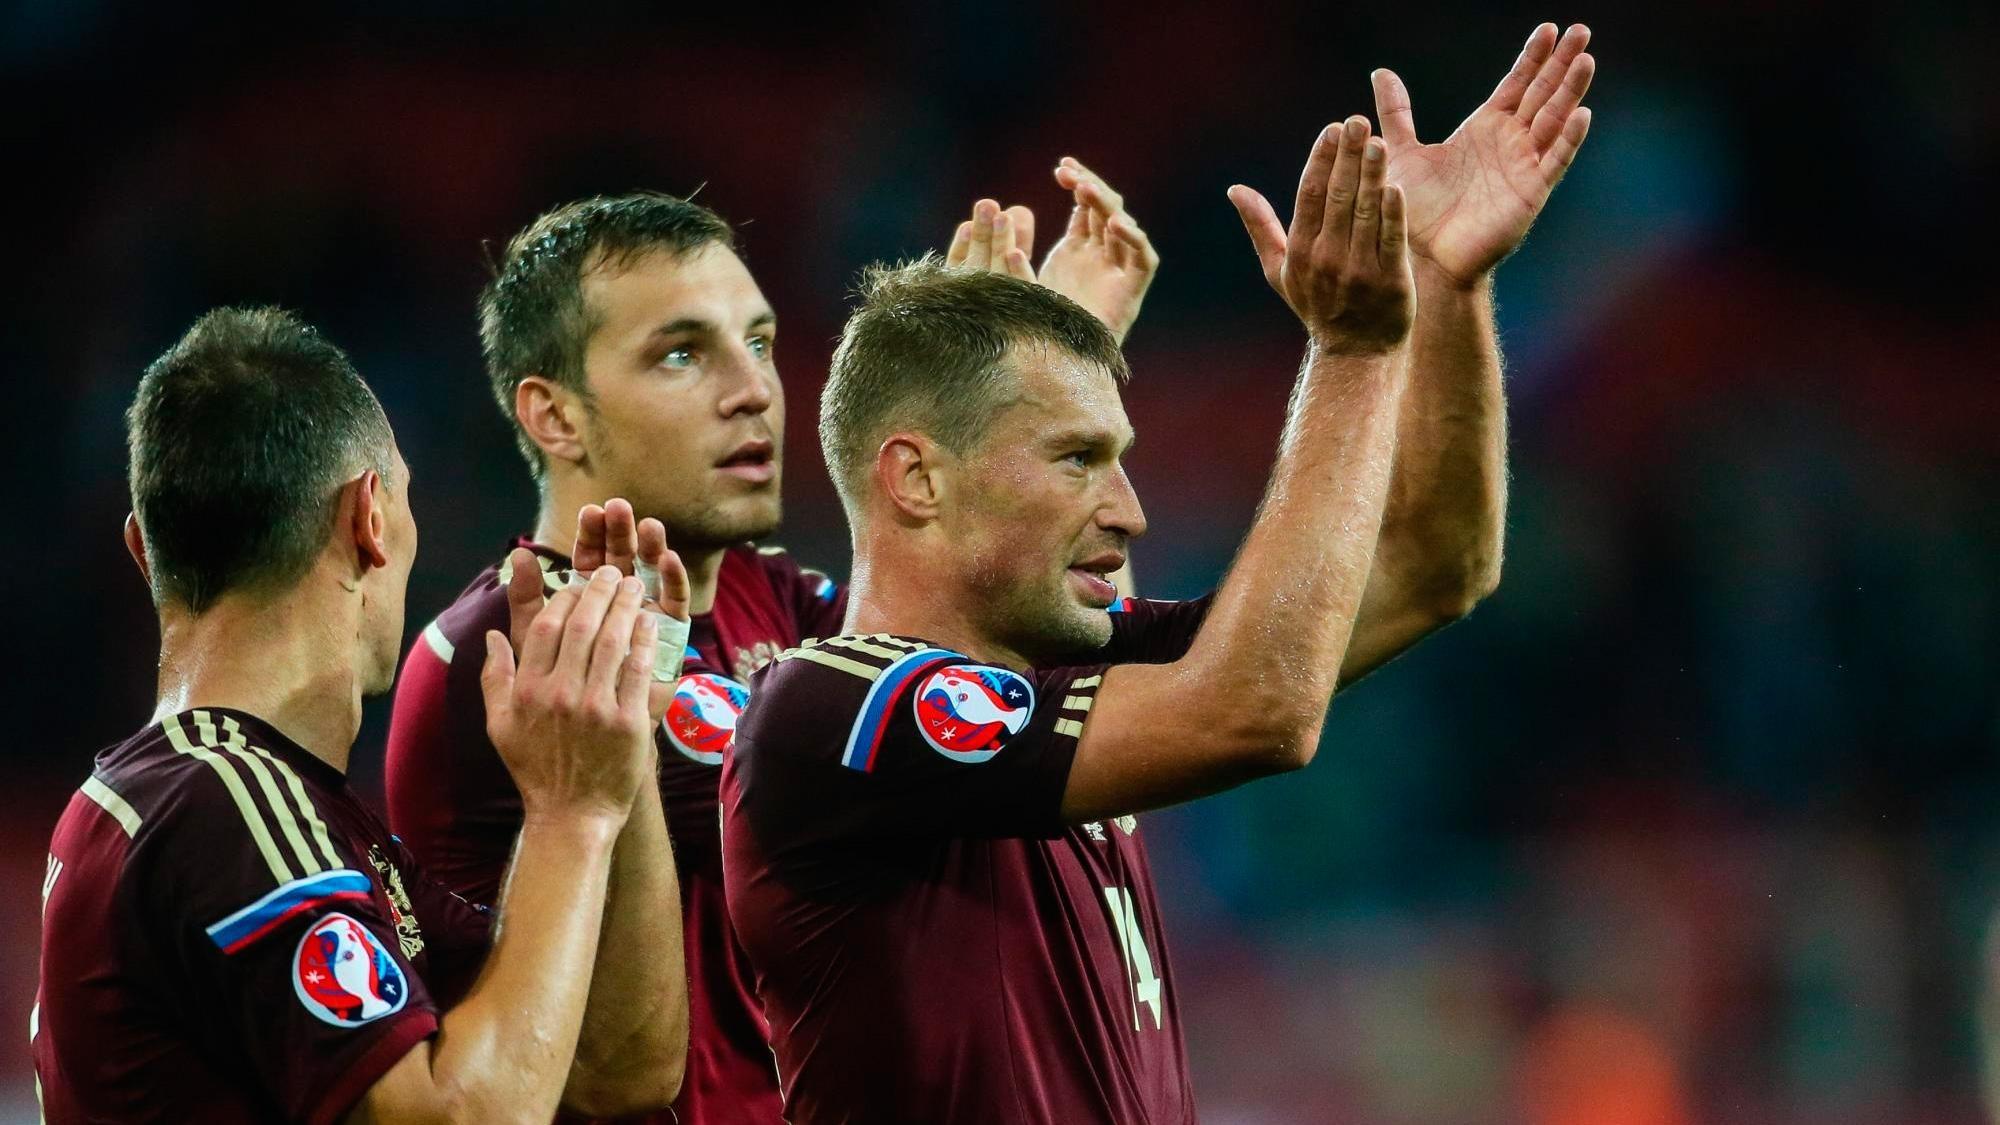 сборная россии по футболу фото 2016